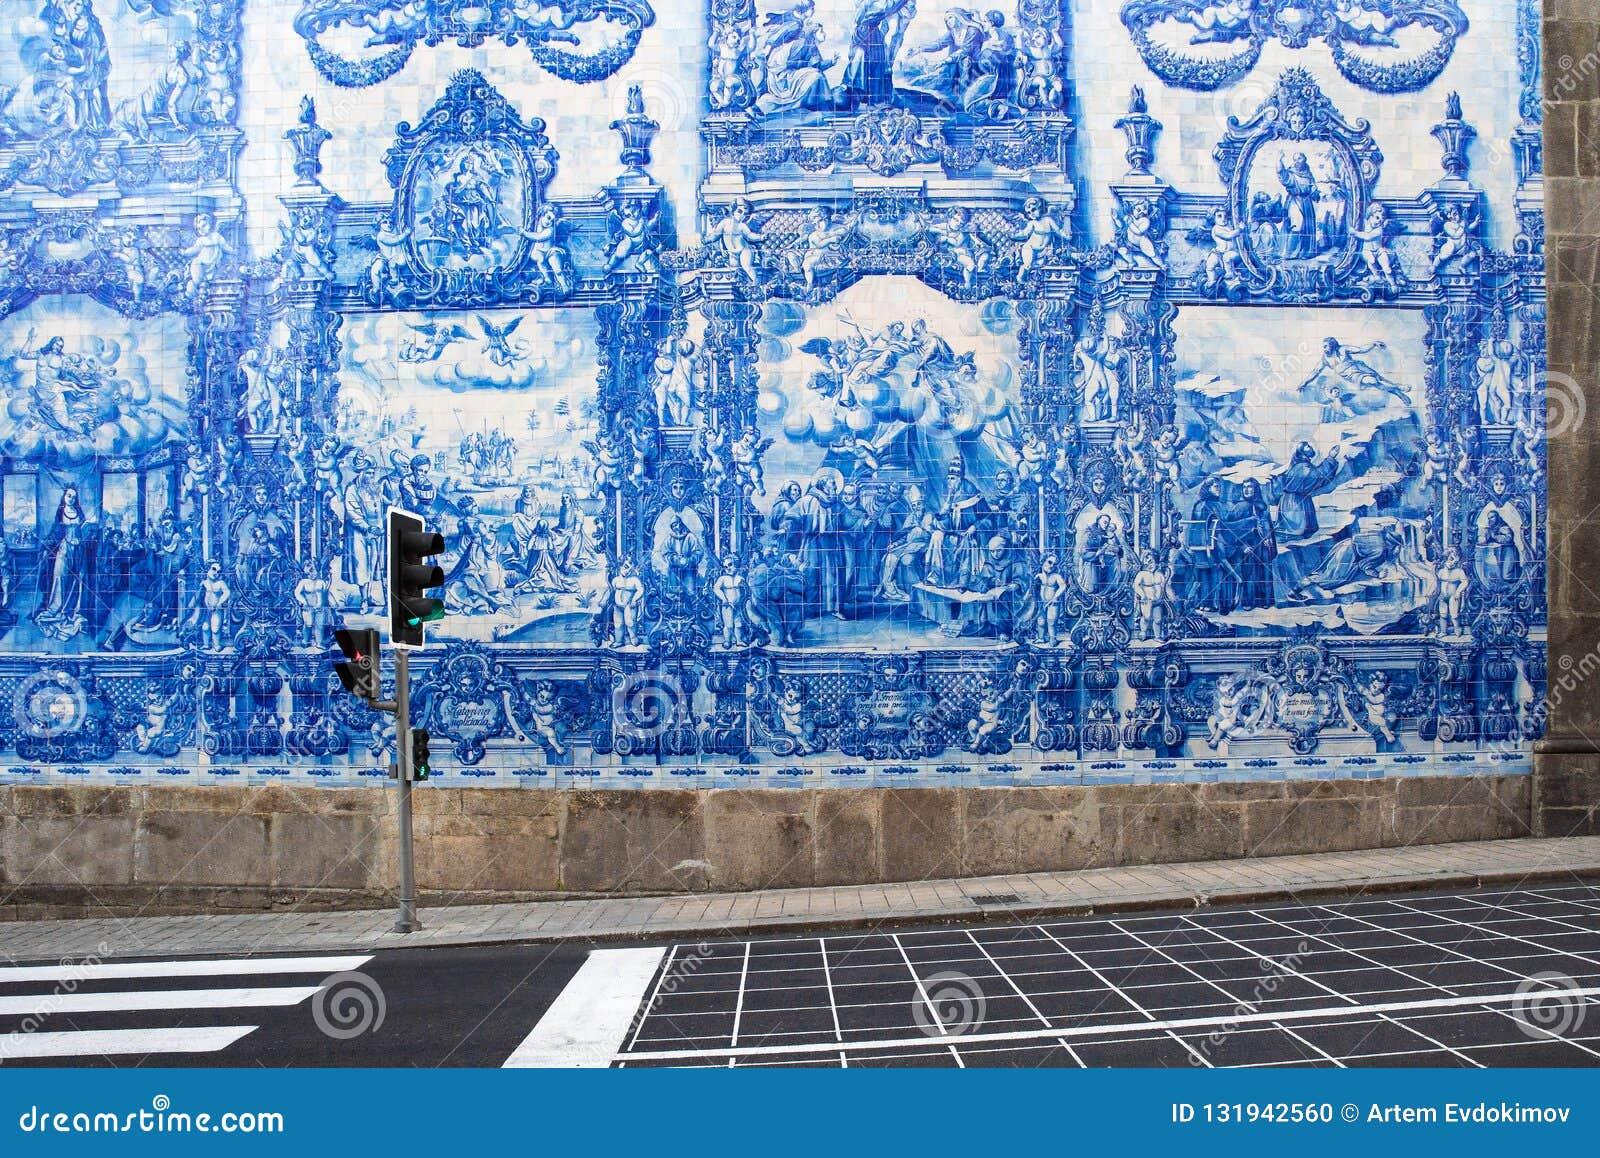 Oporto, Portugal - 19 de mayo de 2018: Teja portuguesa del azulejo en una de las calles de la ciudad vieja de Oporto, Portugal